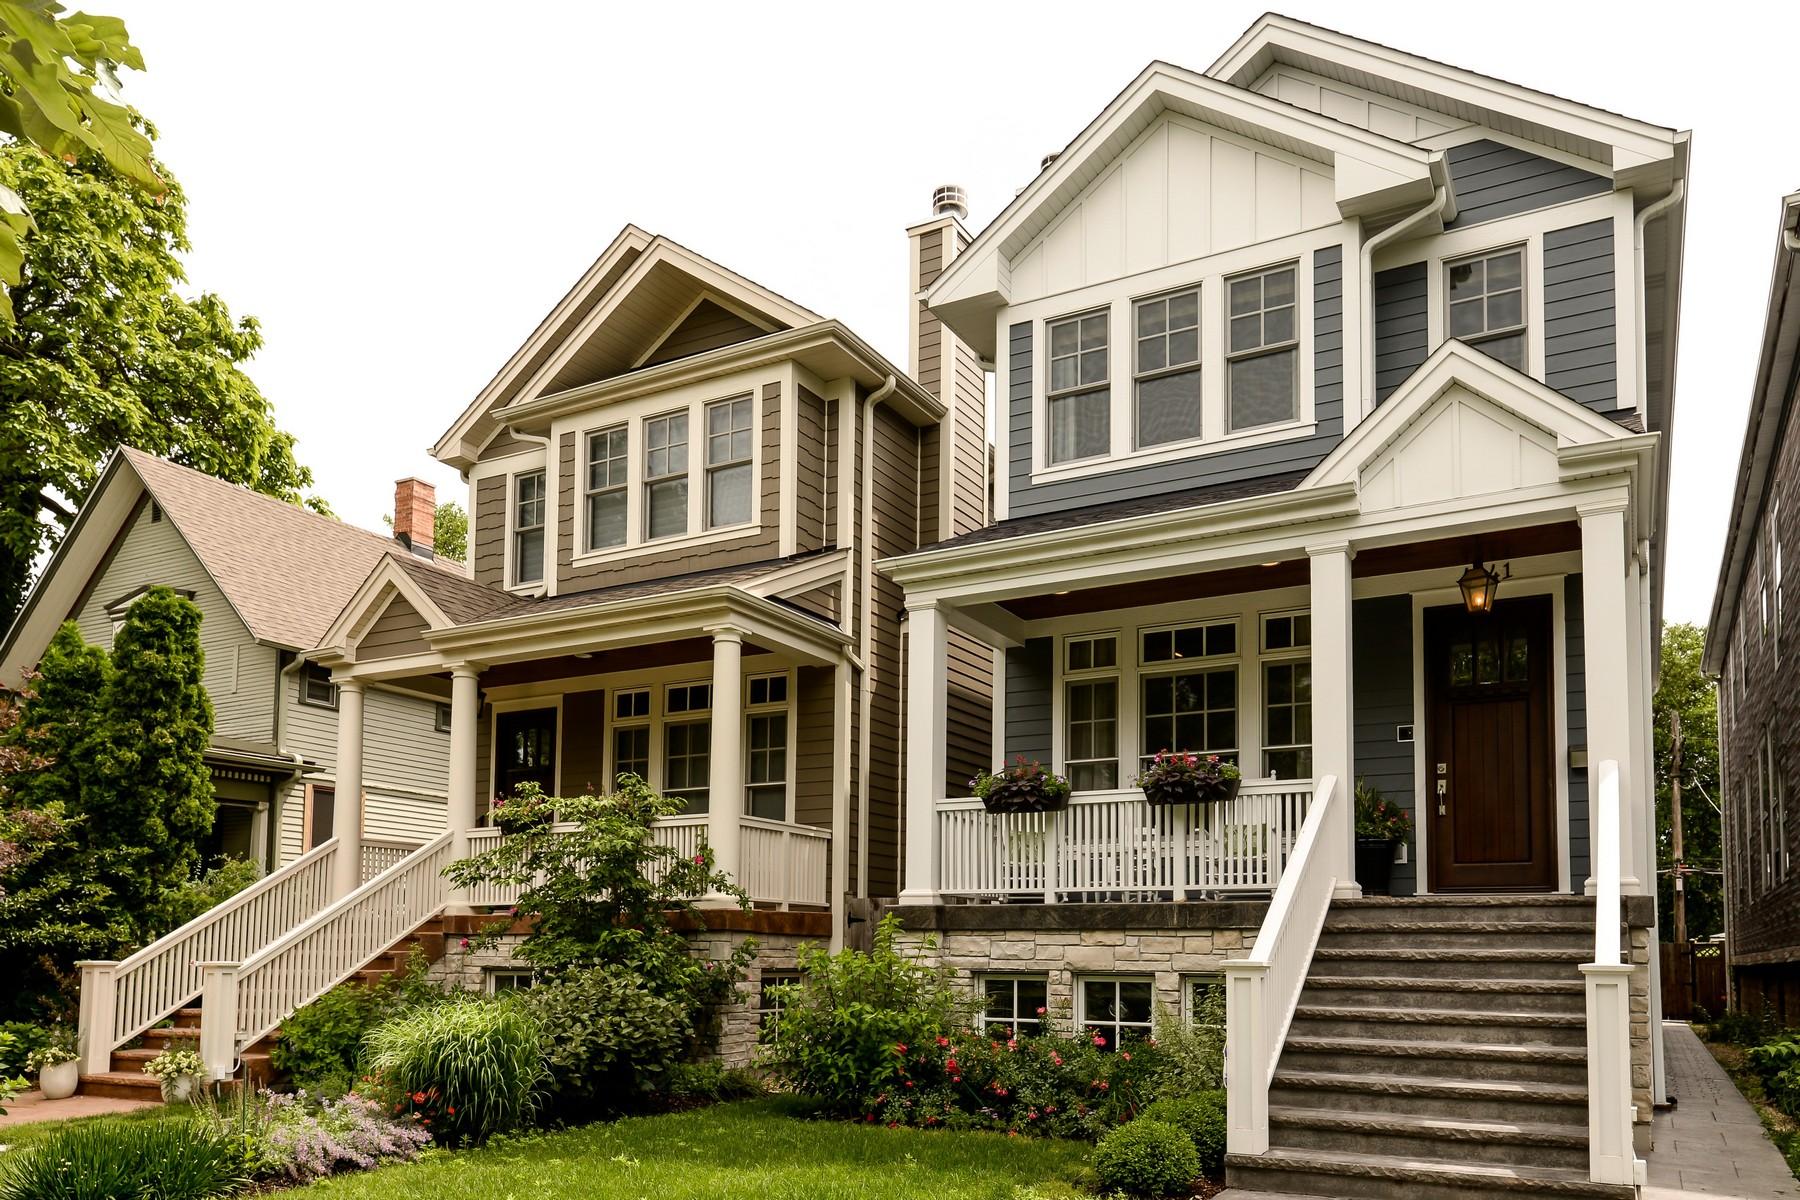 独户住宅 为 销售 在 Gorgeous Lakeview Home 4241 N Paulina Street, Lakeview, 芝加哥, 伊利诺斯州, 60613 美国